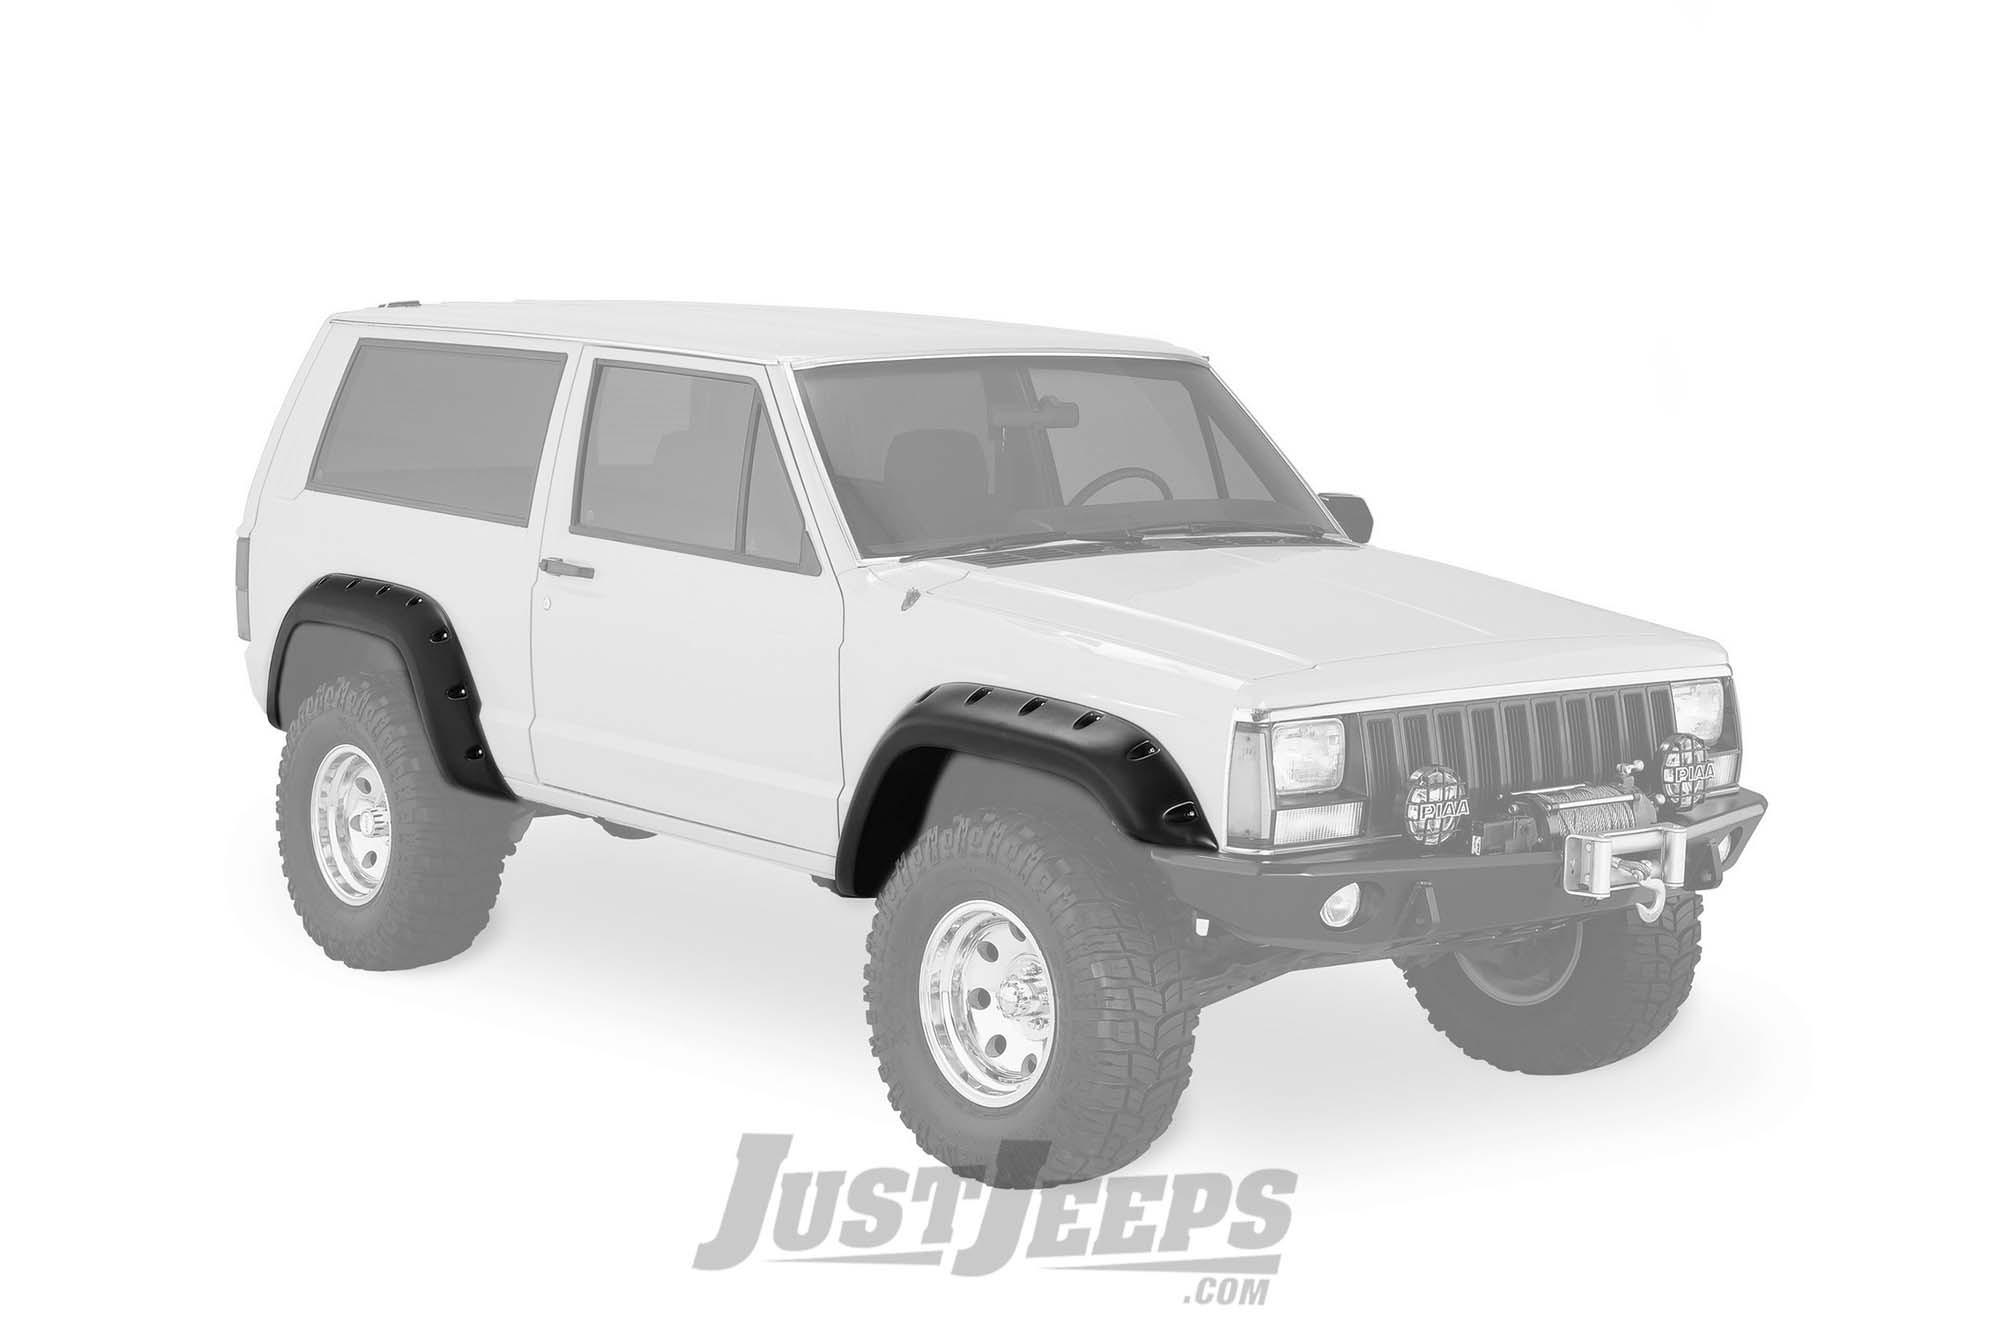 """Bushwacker 5"""" Cut-Out Style Fender Flares For 1984-01 Jeep Cherokee XJ 2 Door Models"""